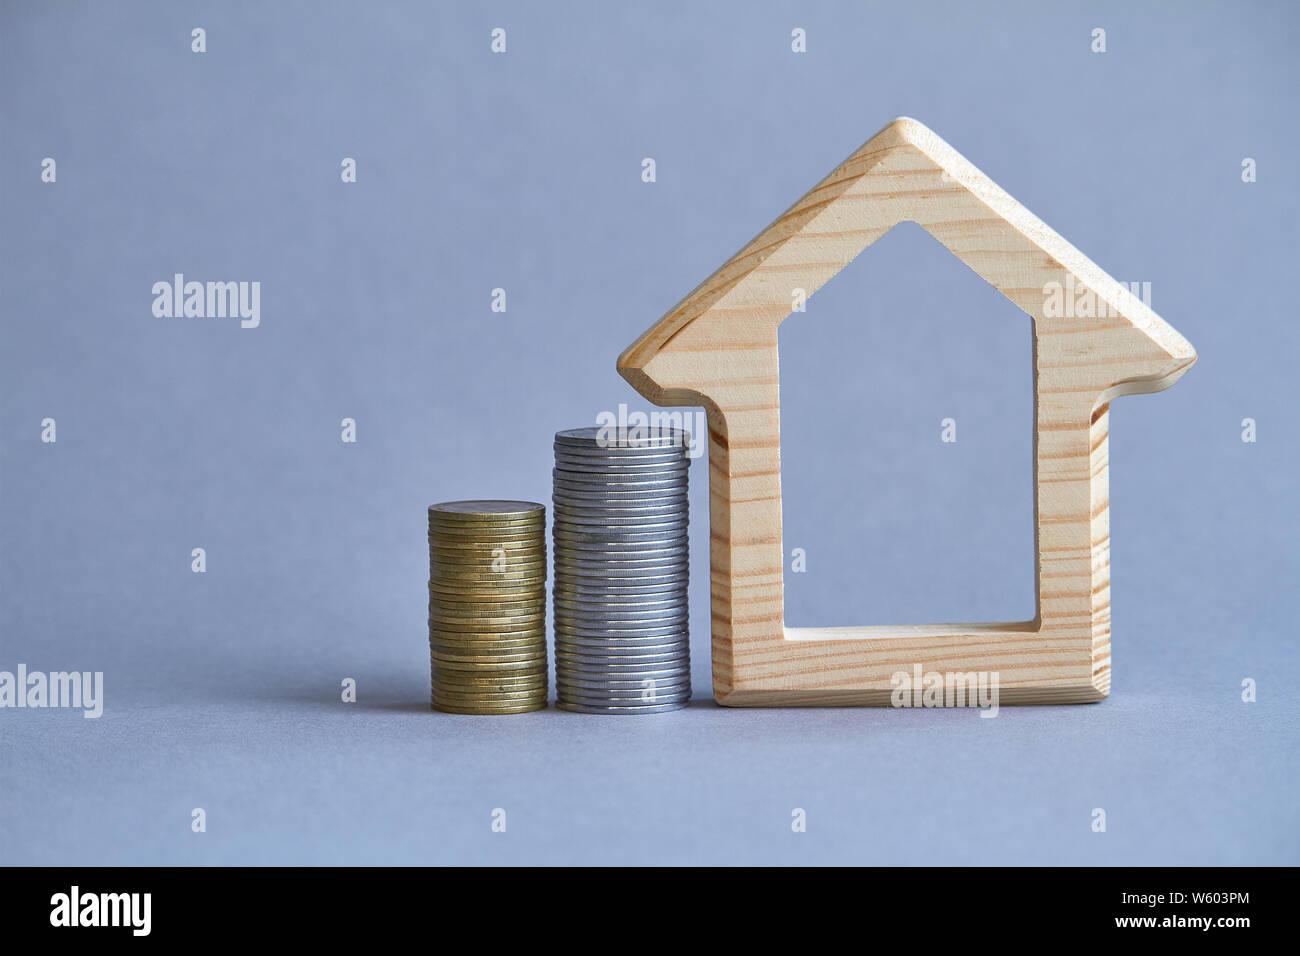 Holz- Figur von Haus mit zwei Spalten von Münzen in der Nähe auf grauem Hintergrund, das Konzept der Kauf oder die Vermietung eines Gebäudes, selektiver Fokus Stockfoto